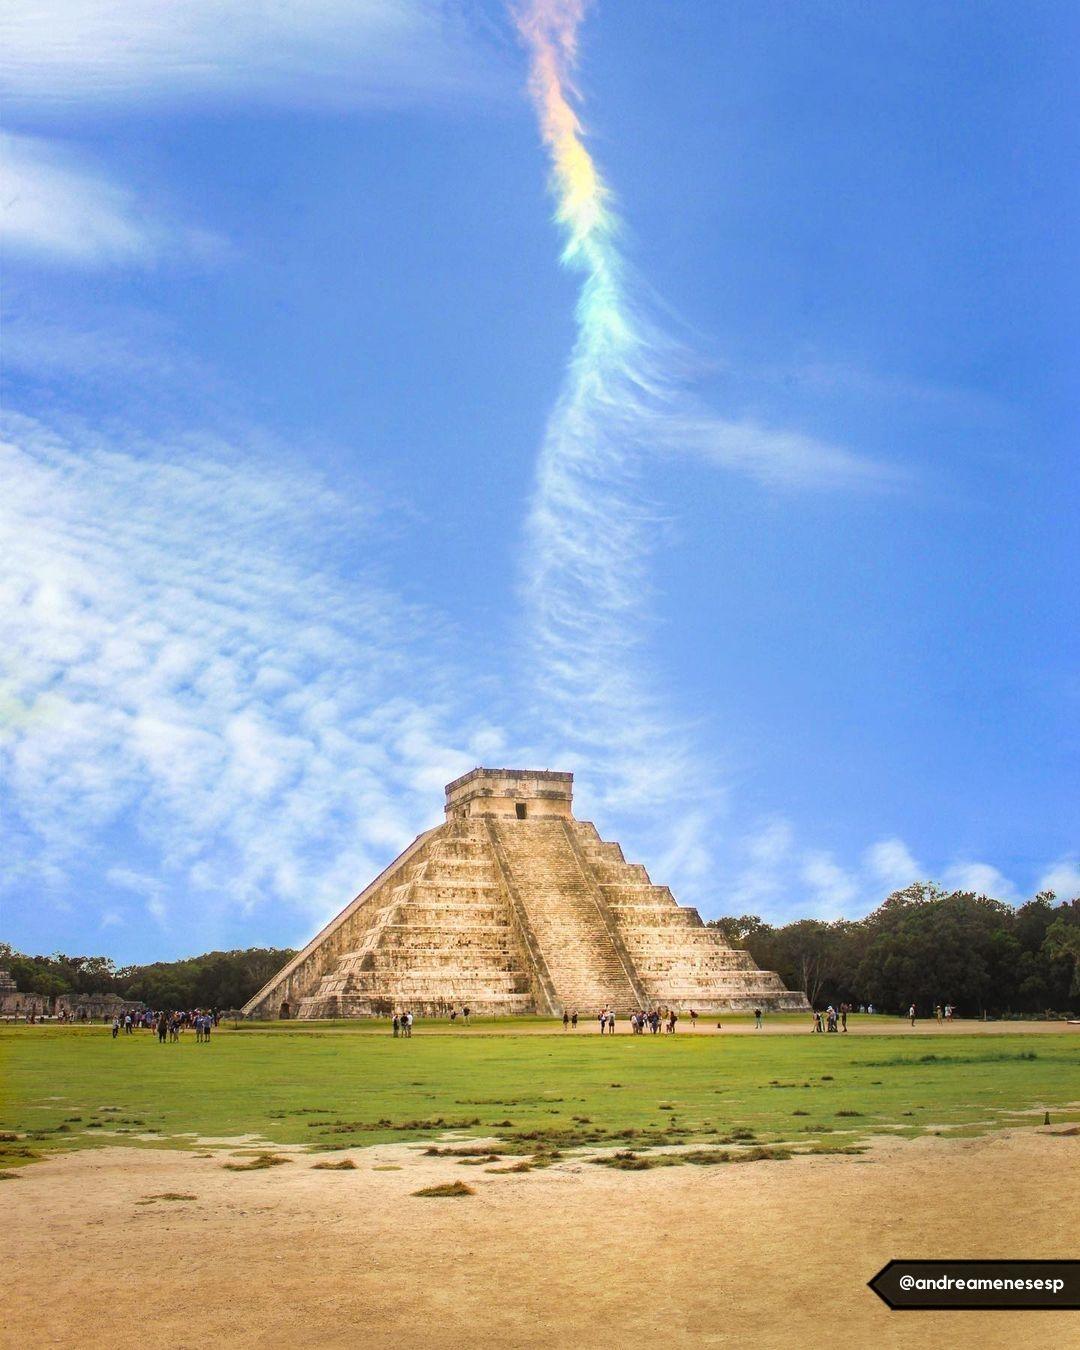 墨西哥坎昆玛雅遗迹奇琴伊察